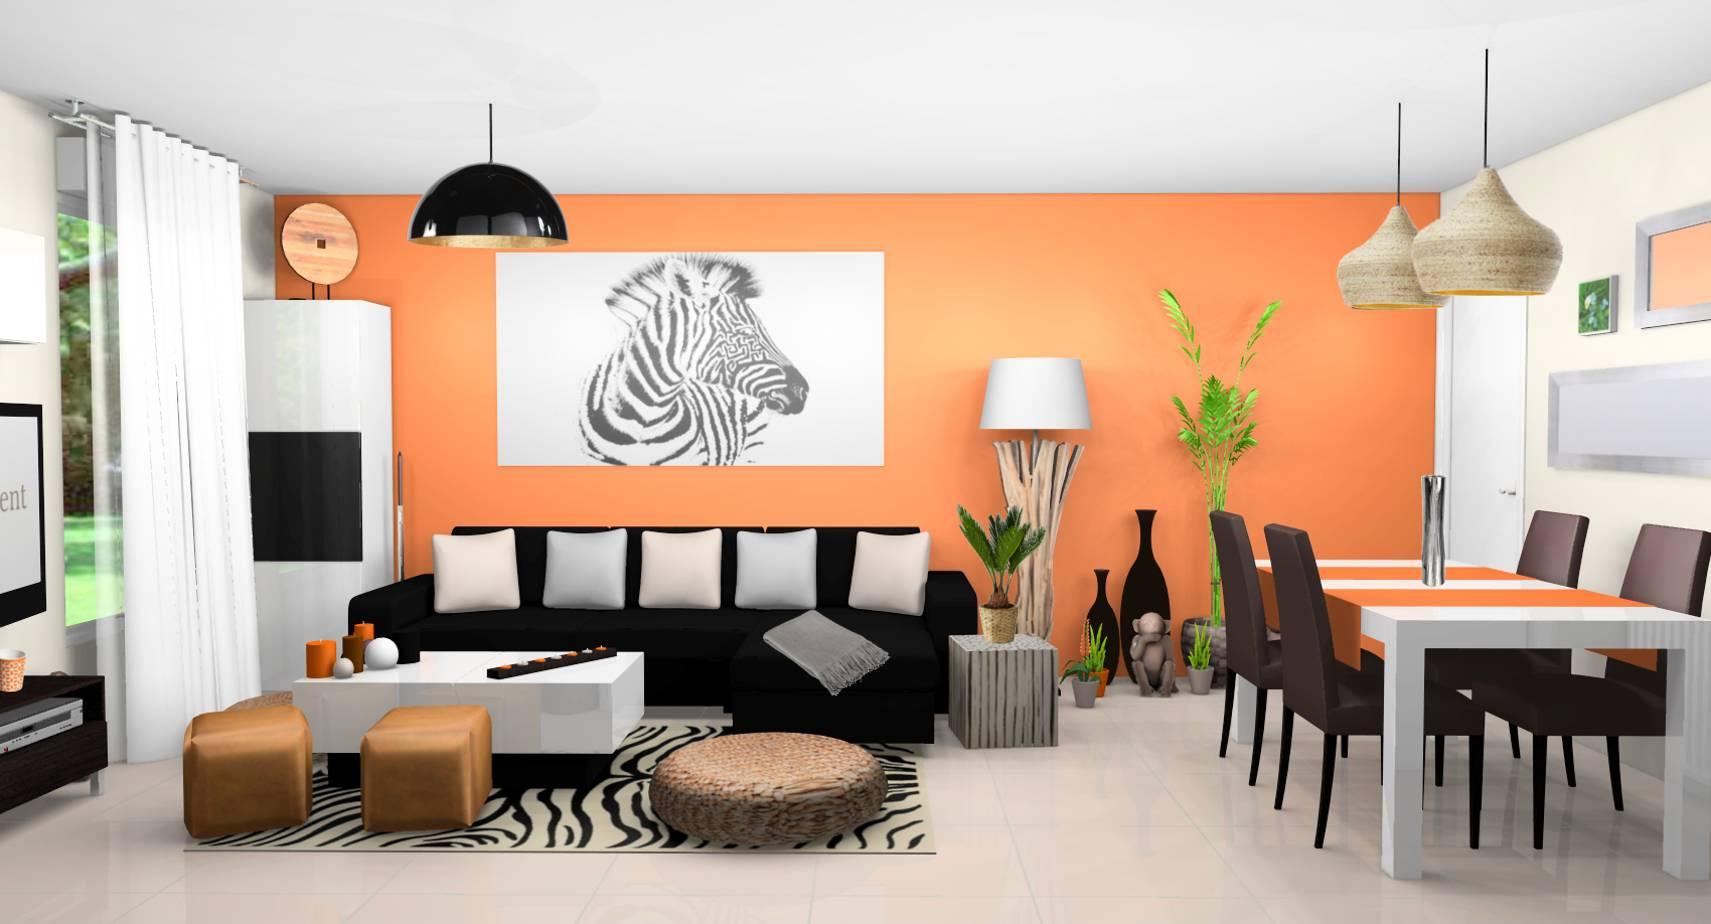 Décoration de ma pièce à vivre Sejour-salle-a-manger-contemporains-exotiques-murs-lin-orange-carrelage-brillant-beige-mobilier-laque-blanc-bois-wenge-tableau-zebre-touches-orange-2